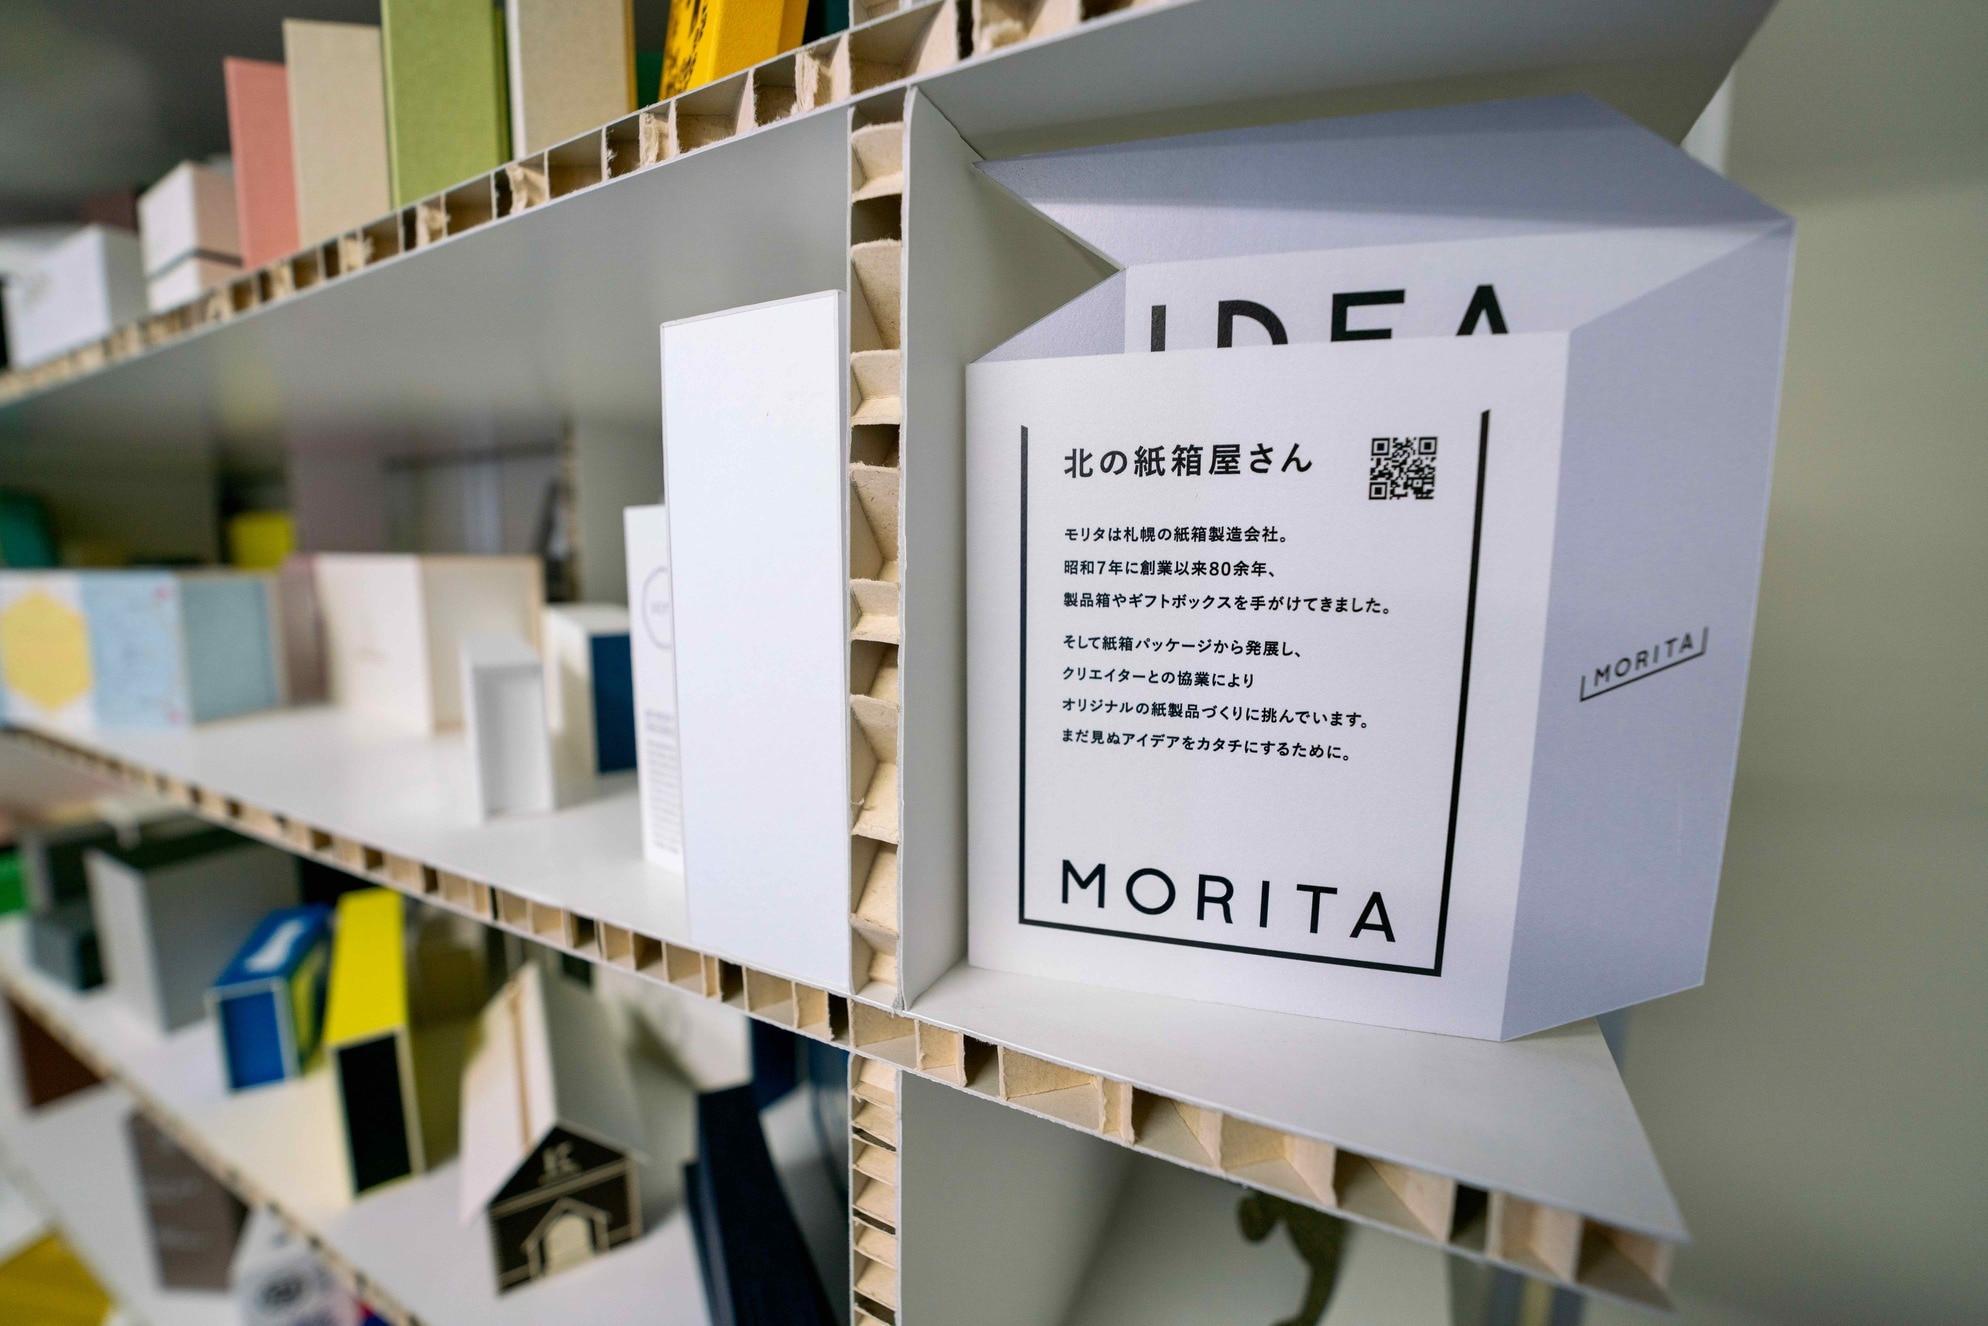 棚に並べられたモリタ株式技会社のオリジナルデザインのたくさんの箱